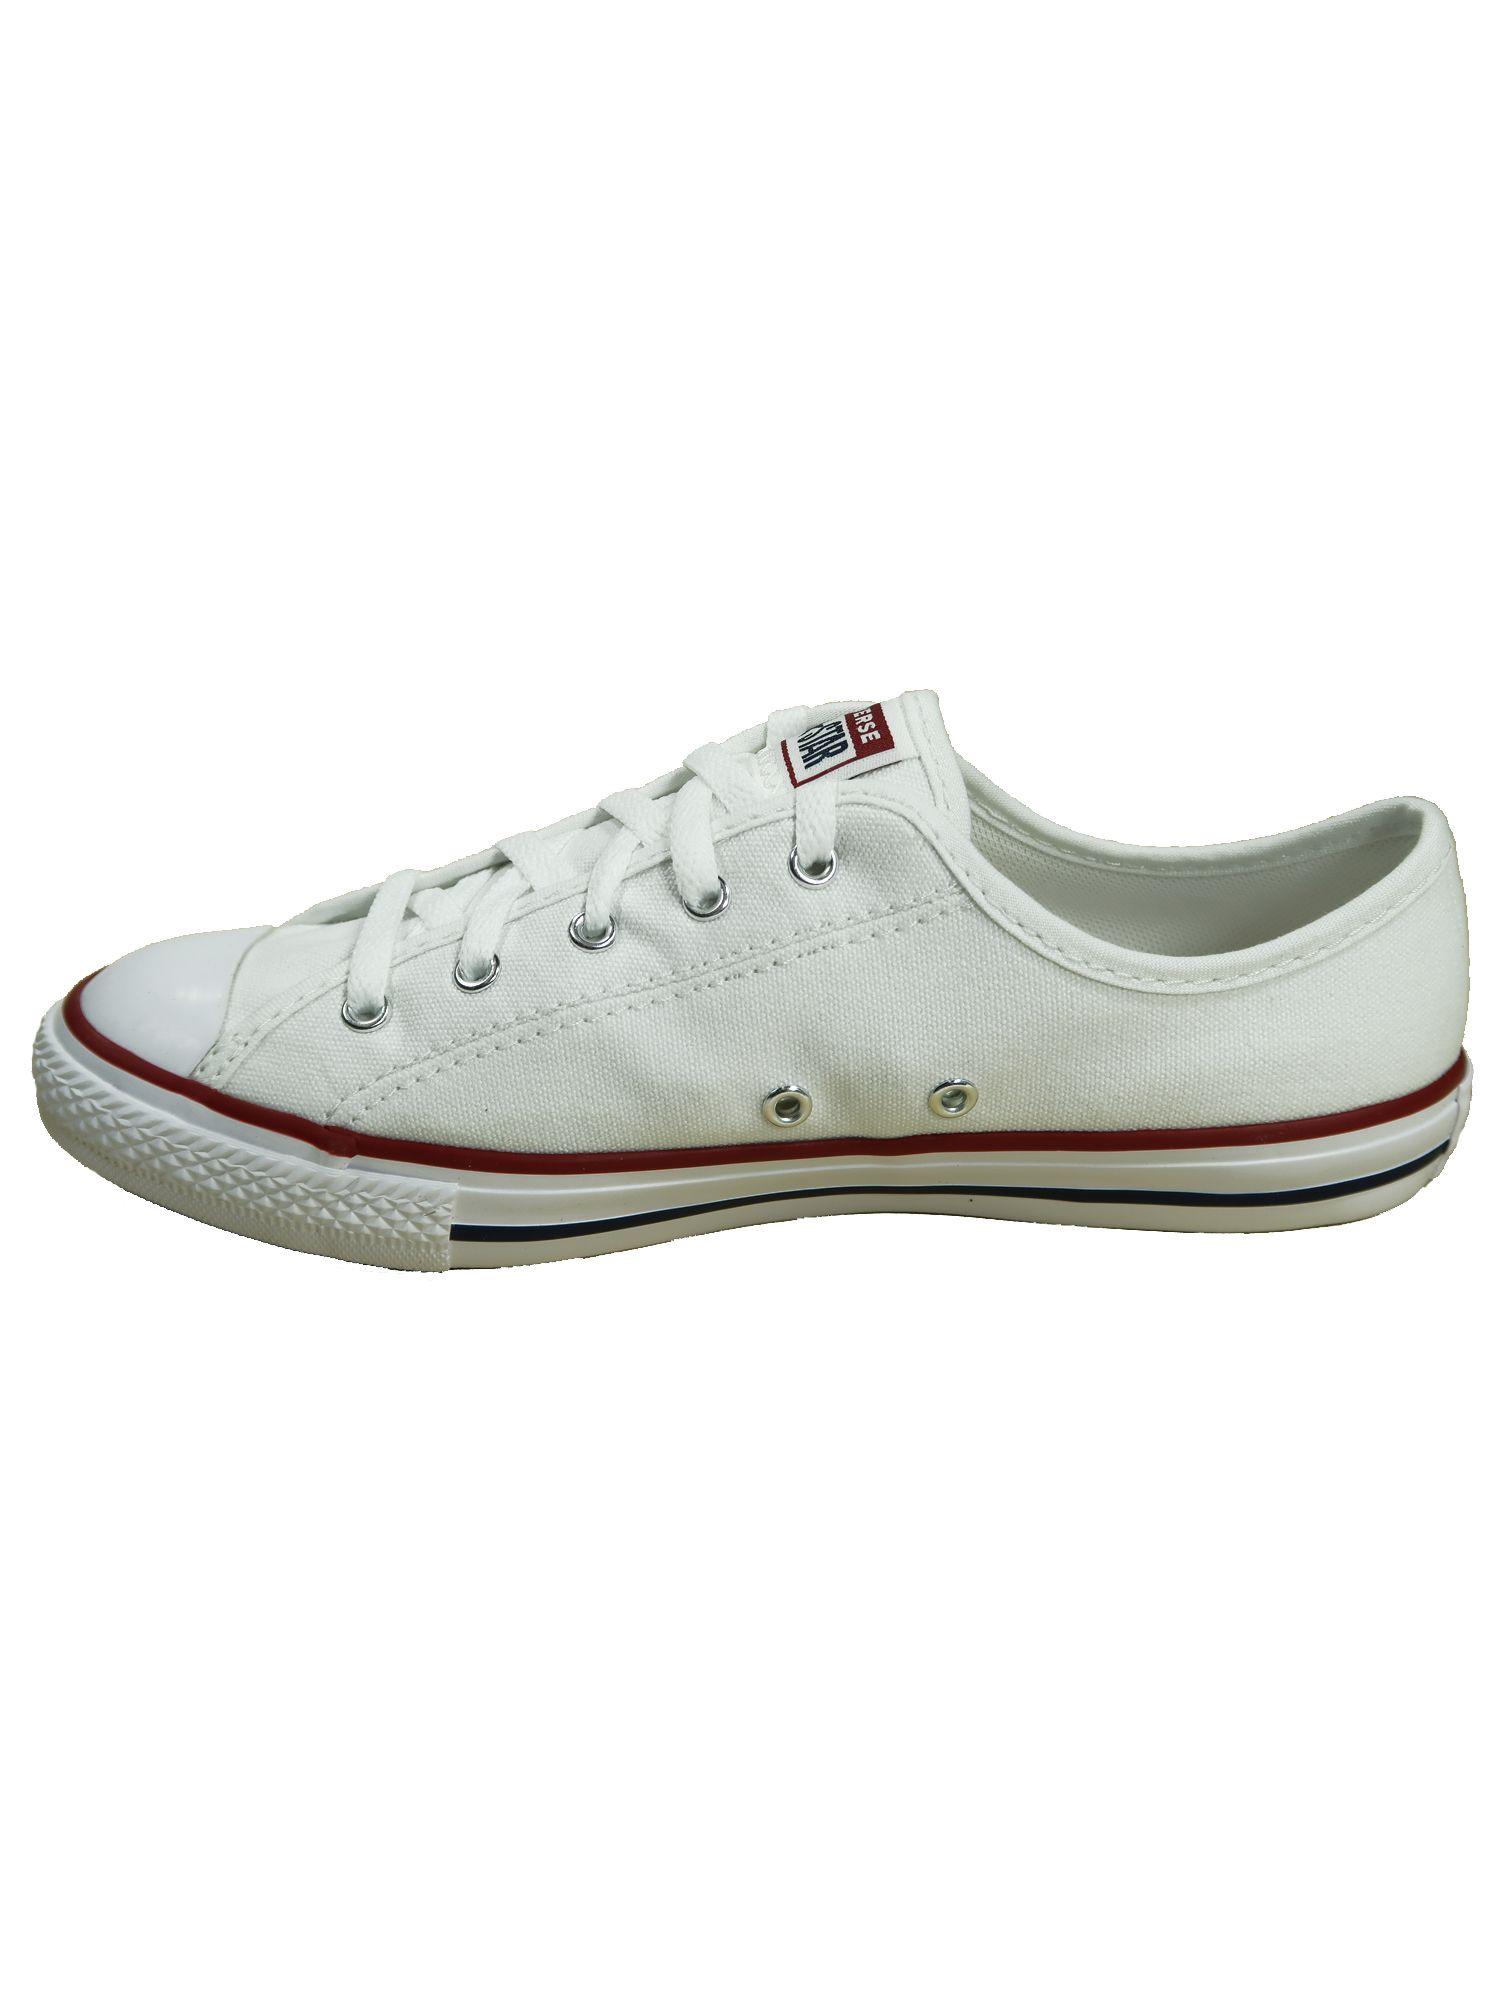 Converse Damen Schuhe CTAS Dainty Ox Weiß Leinen Sneakers Größe 40.5